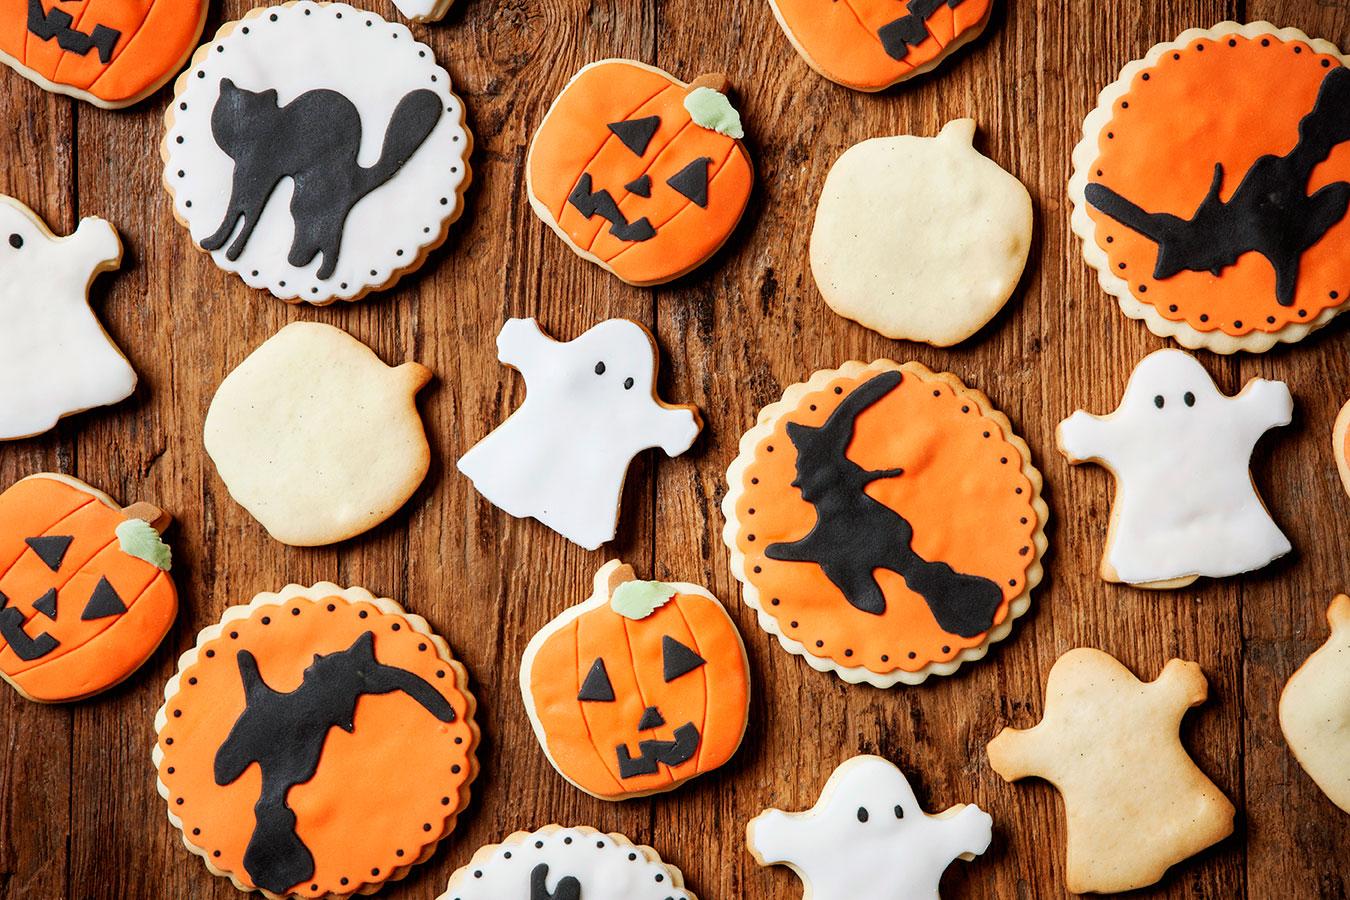 Biscotti di halloween 10 ricette semplici e veloci con la for Ricette di cucina semplici